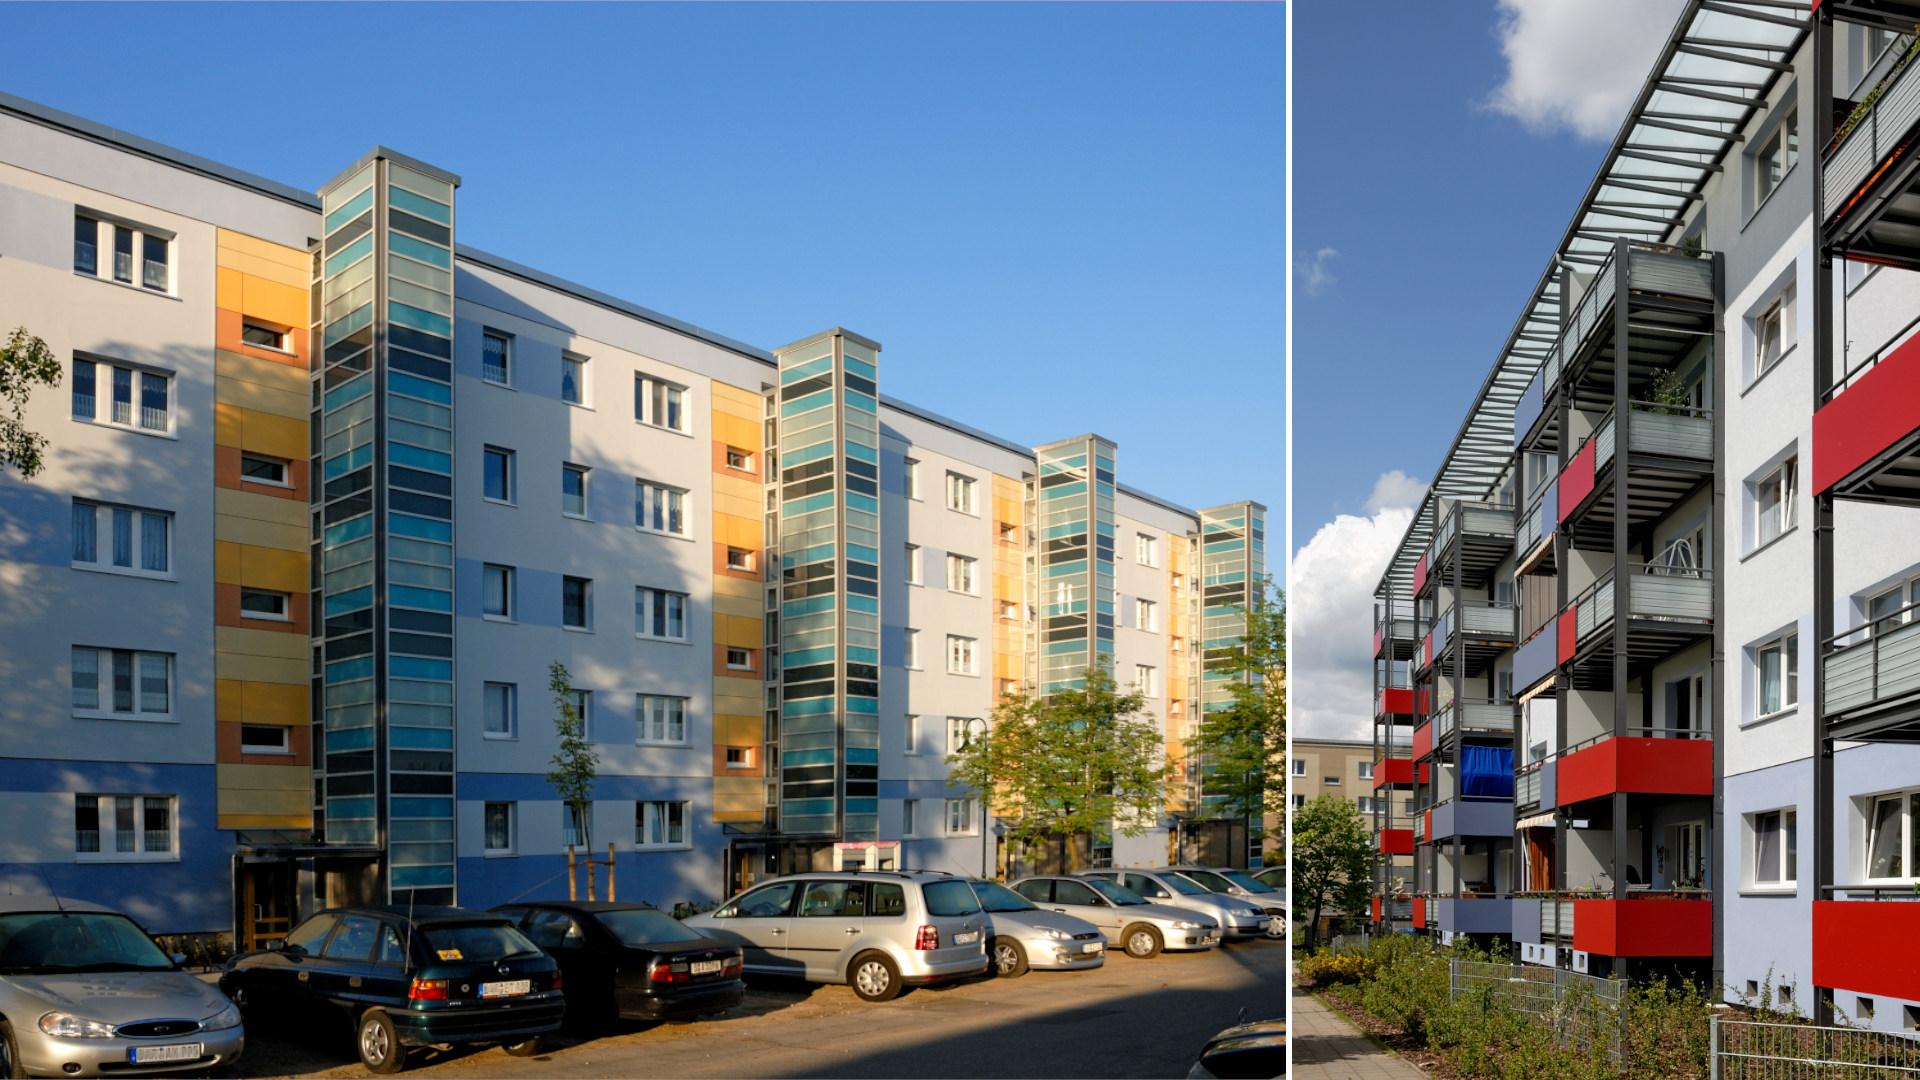 03-bernau-marsstrasse-bm